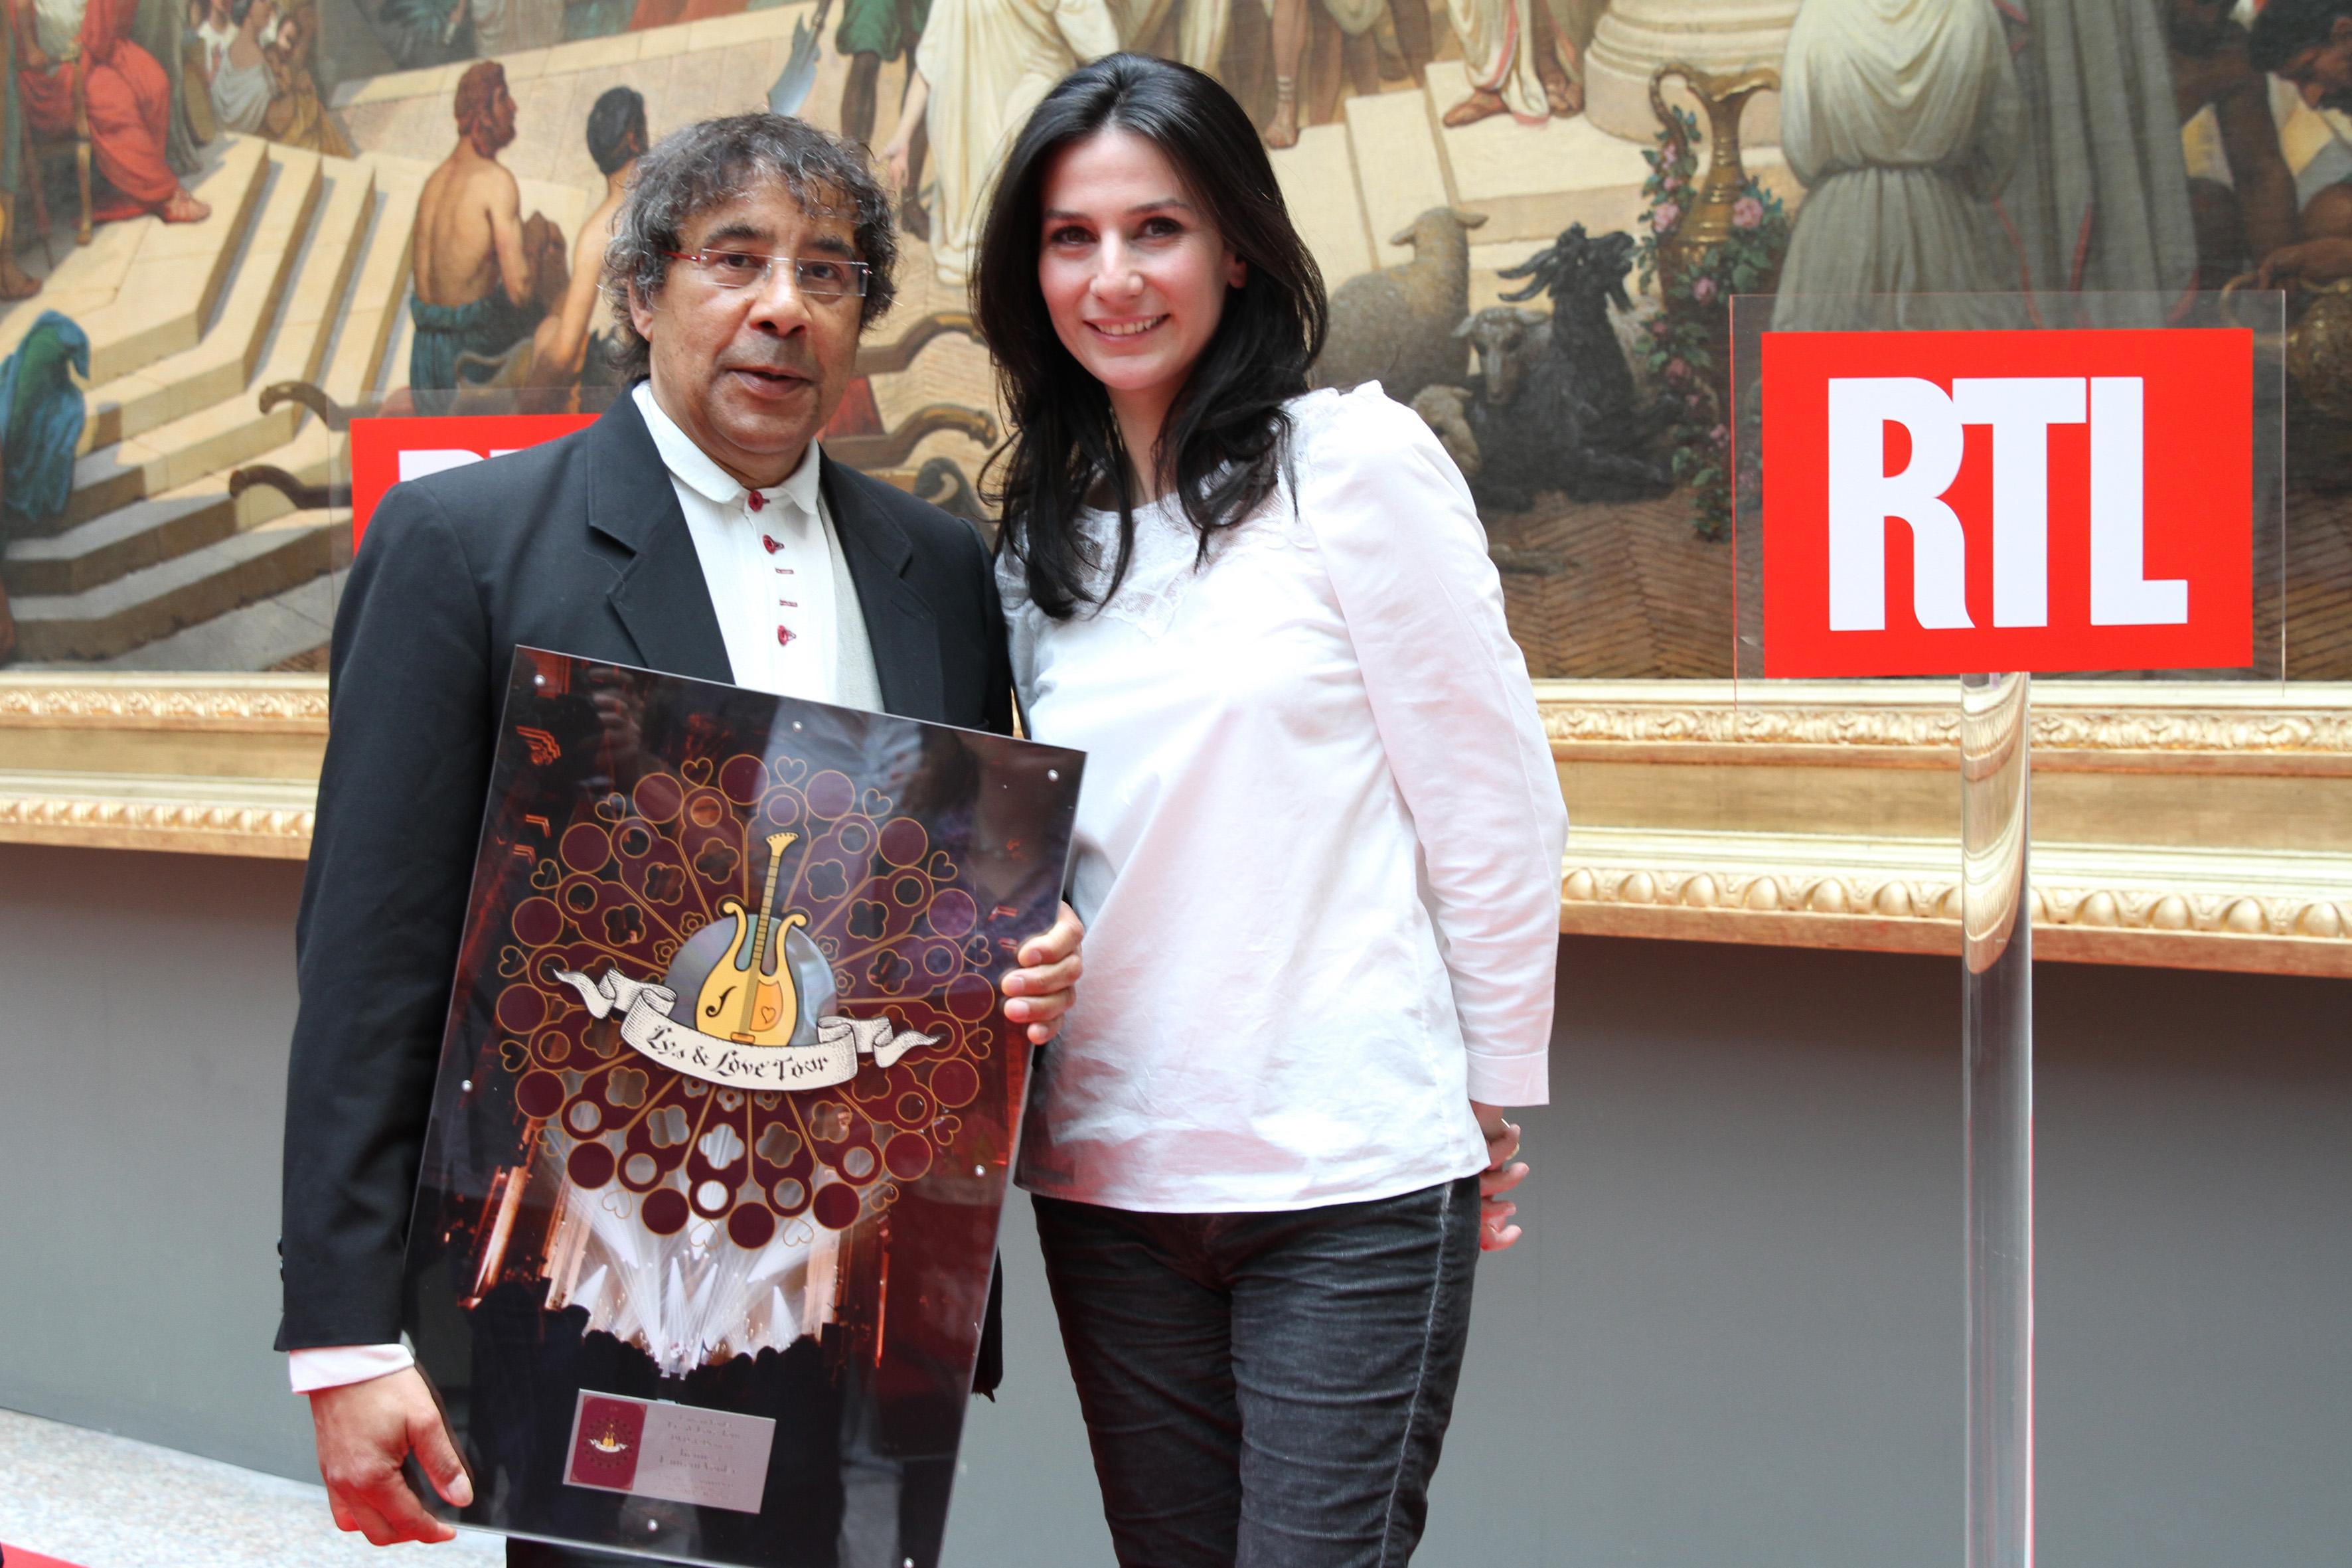 Laurent Voulzy avec Marie Drucker © Crédit Stéphane Cazard / Abacapress pour RTL